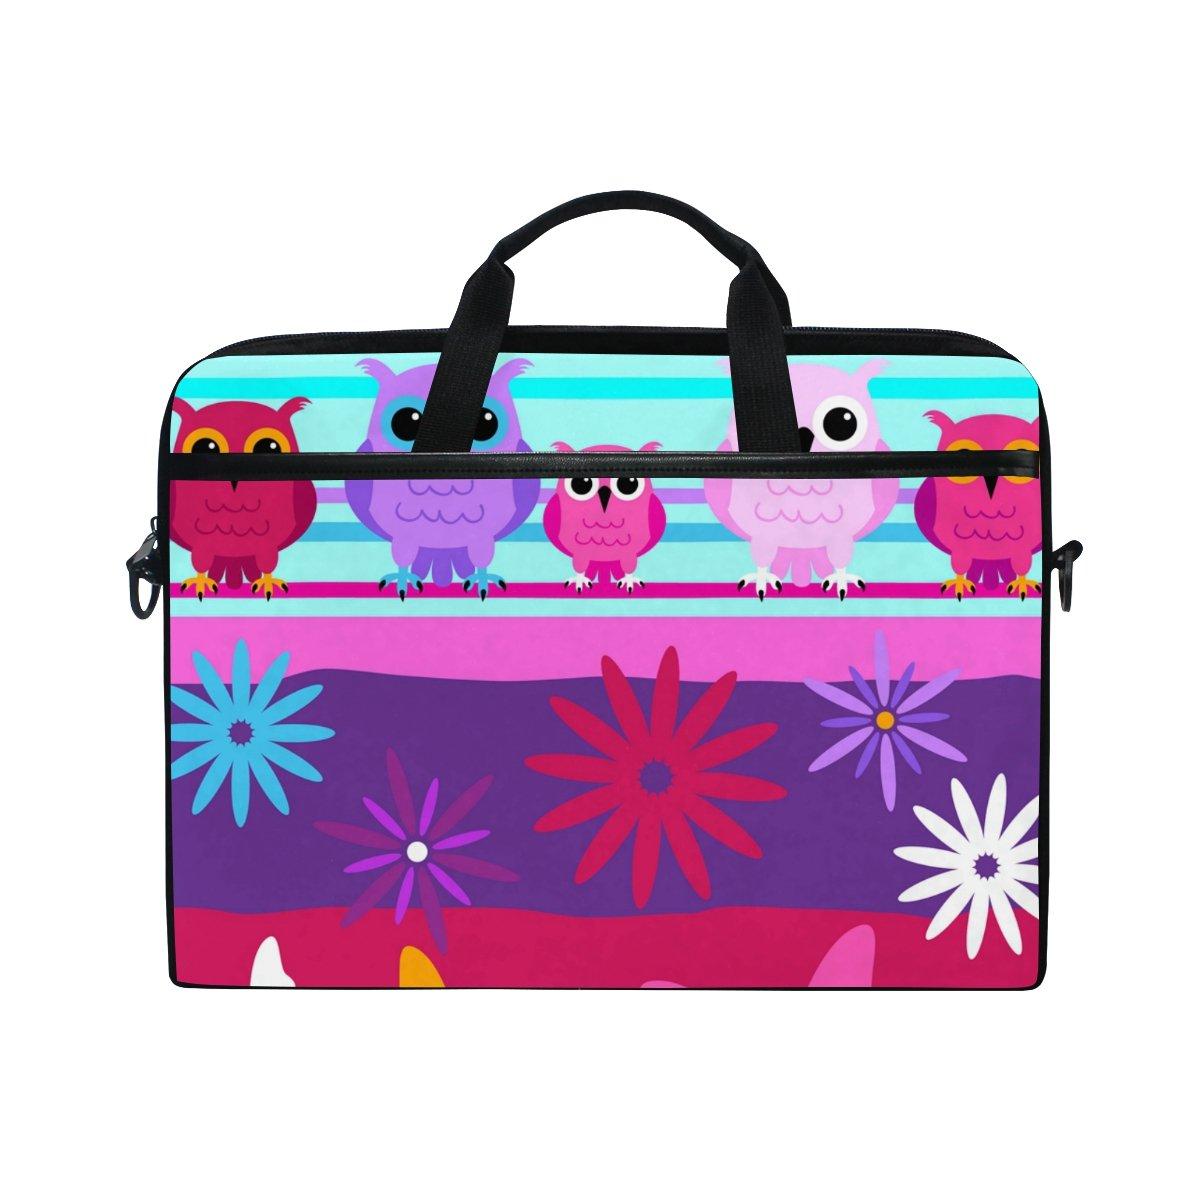 Ahomy - Bolso de Bandolera con diseño de Bolso búho, diseño de Mariposas y Dibujos Animados, Tela Multifuncional e Impermeable de 35,56 cm 7d610d